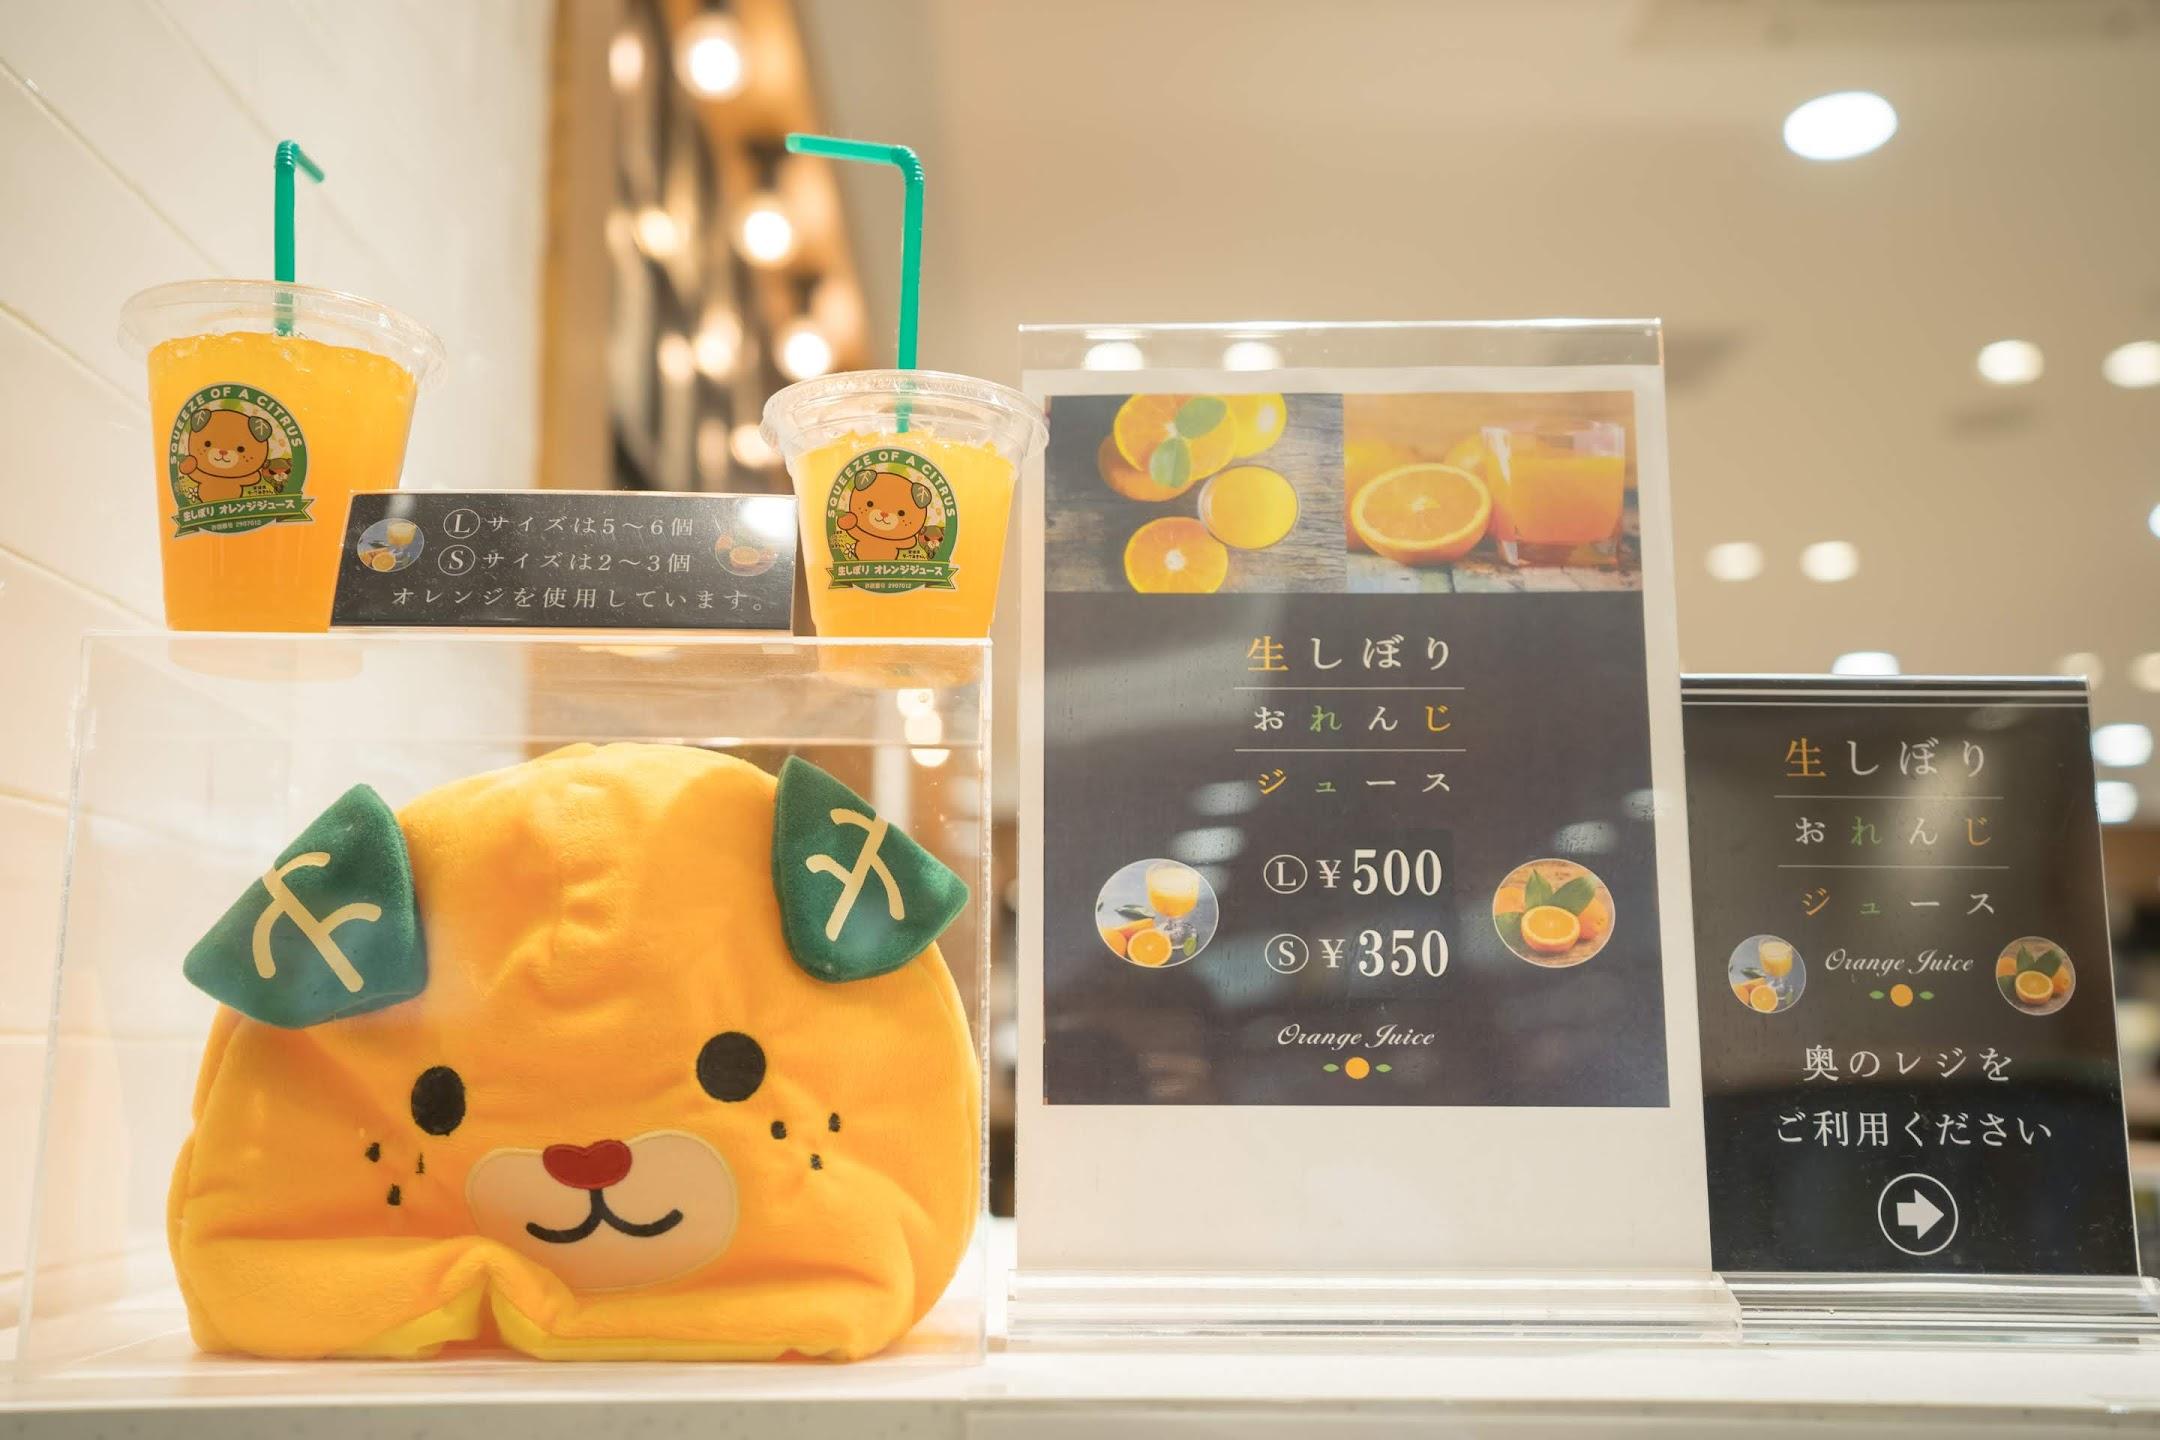 松山空港 CHEF'S KITCHEN みきゃん3